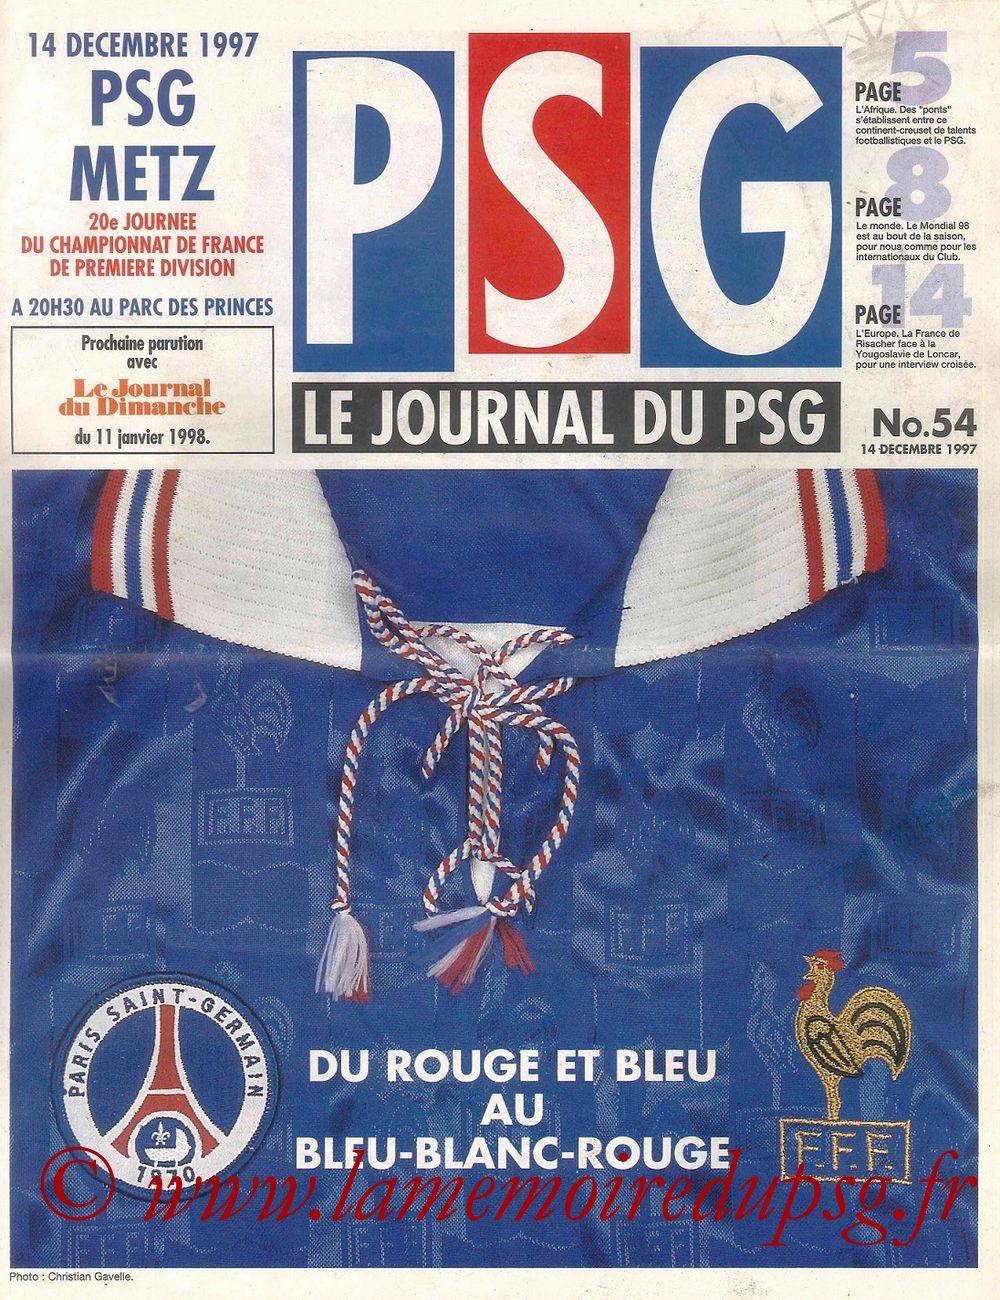 1997-12-14  PSG-Metz (20ème D1, Le Journal du PSG N°54)